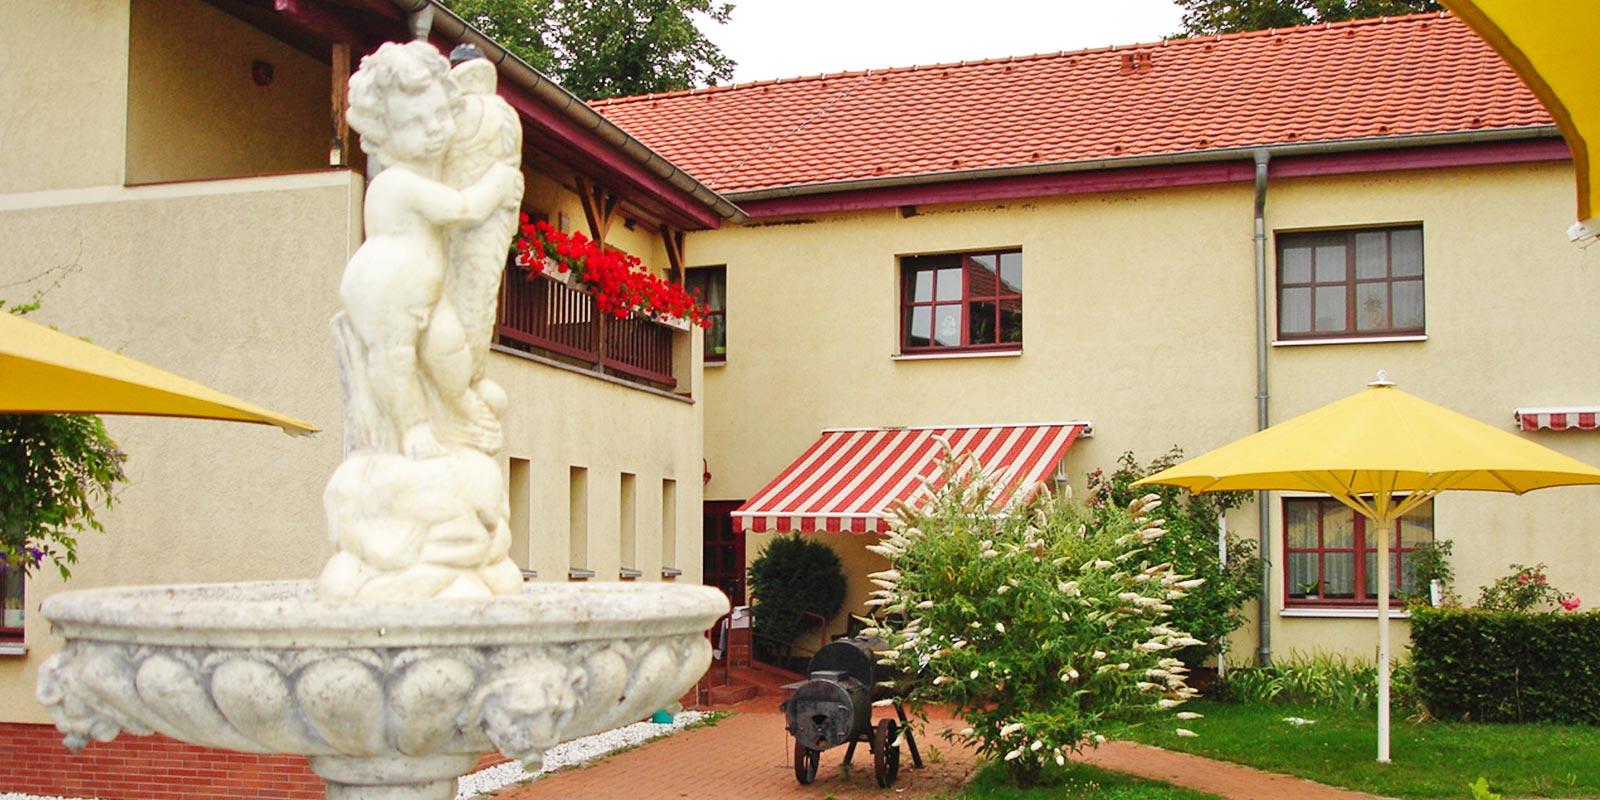 Erfahren Sie hier welche Wohnbereich es im Haupthaus gibt im Ruhesitz Golzow